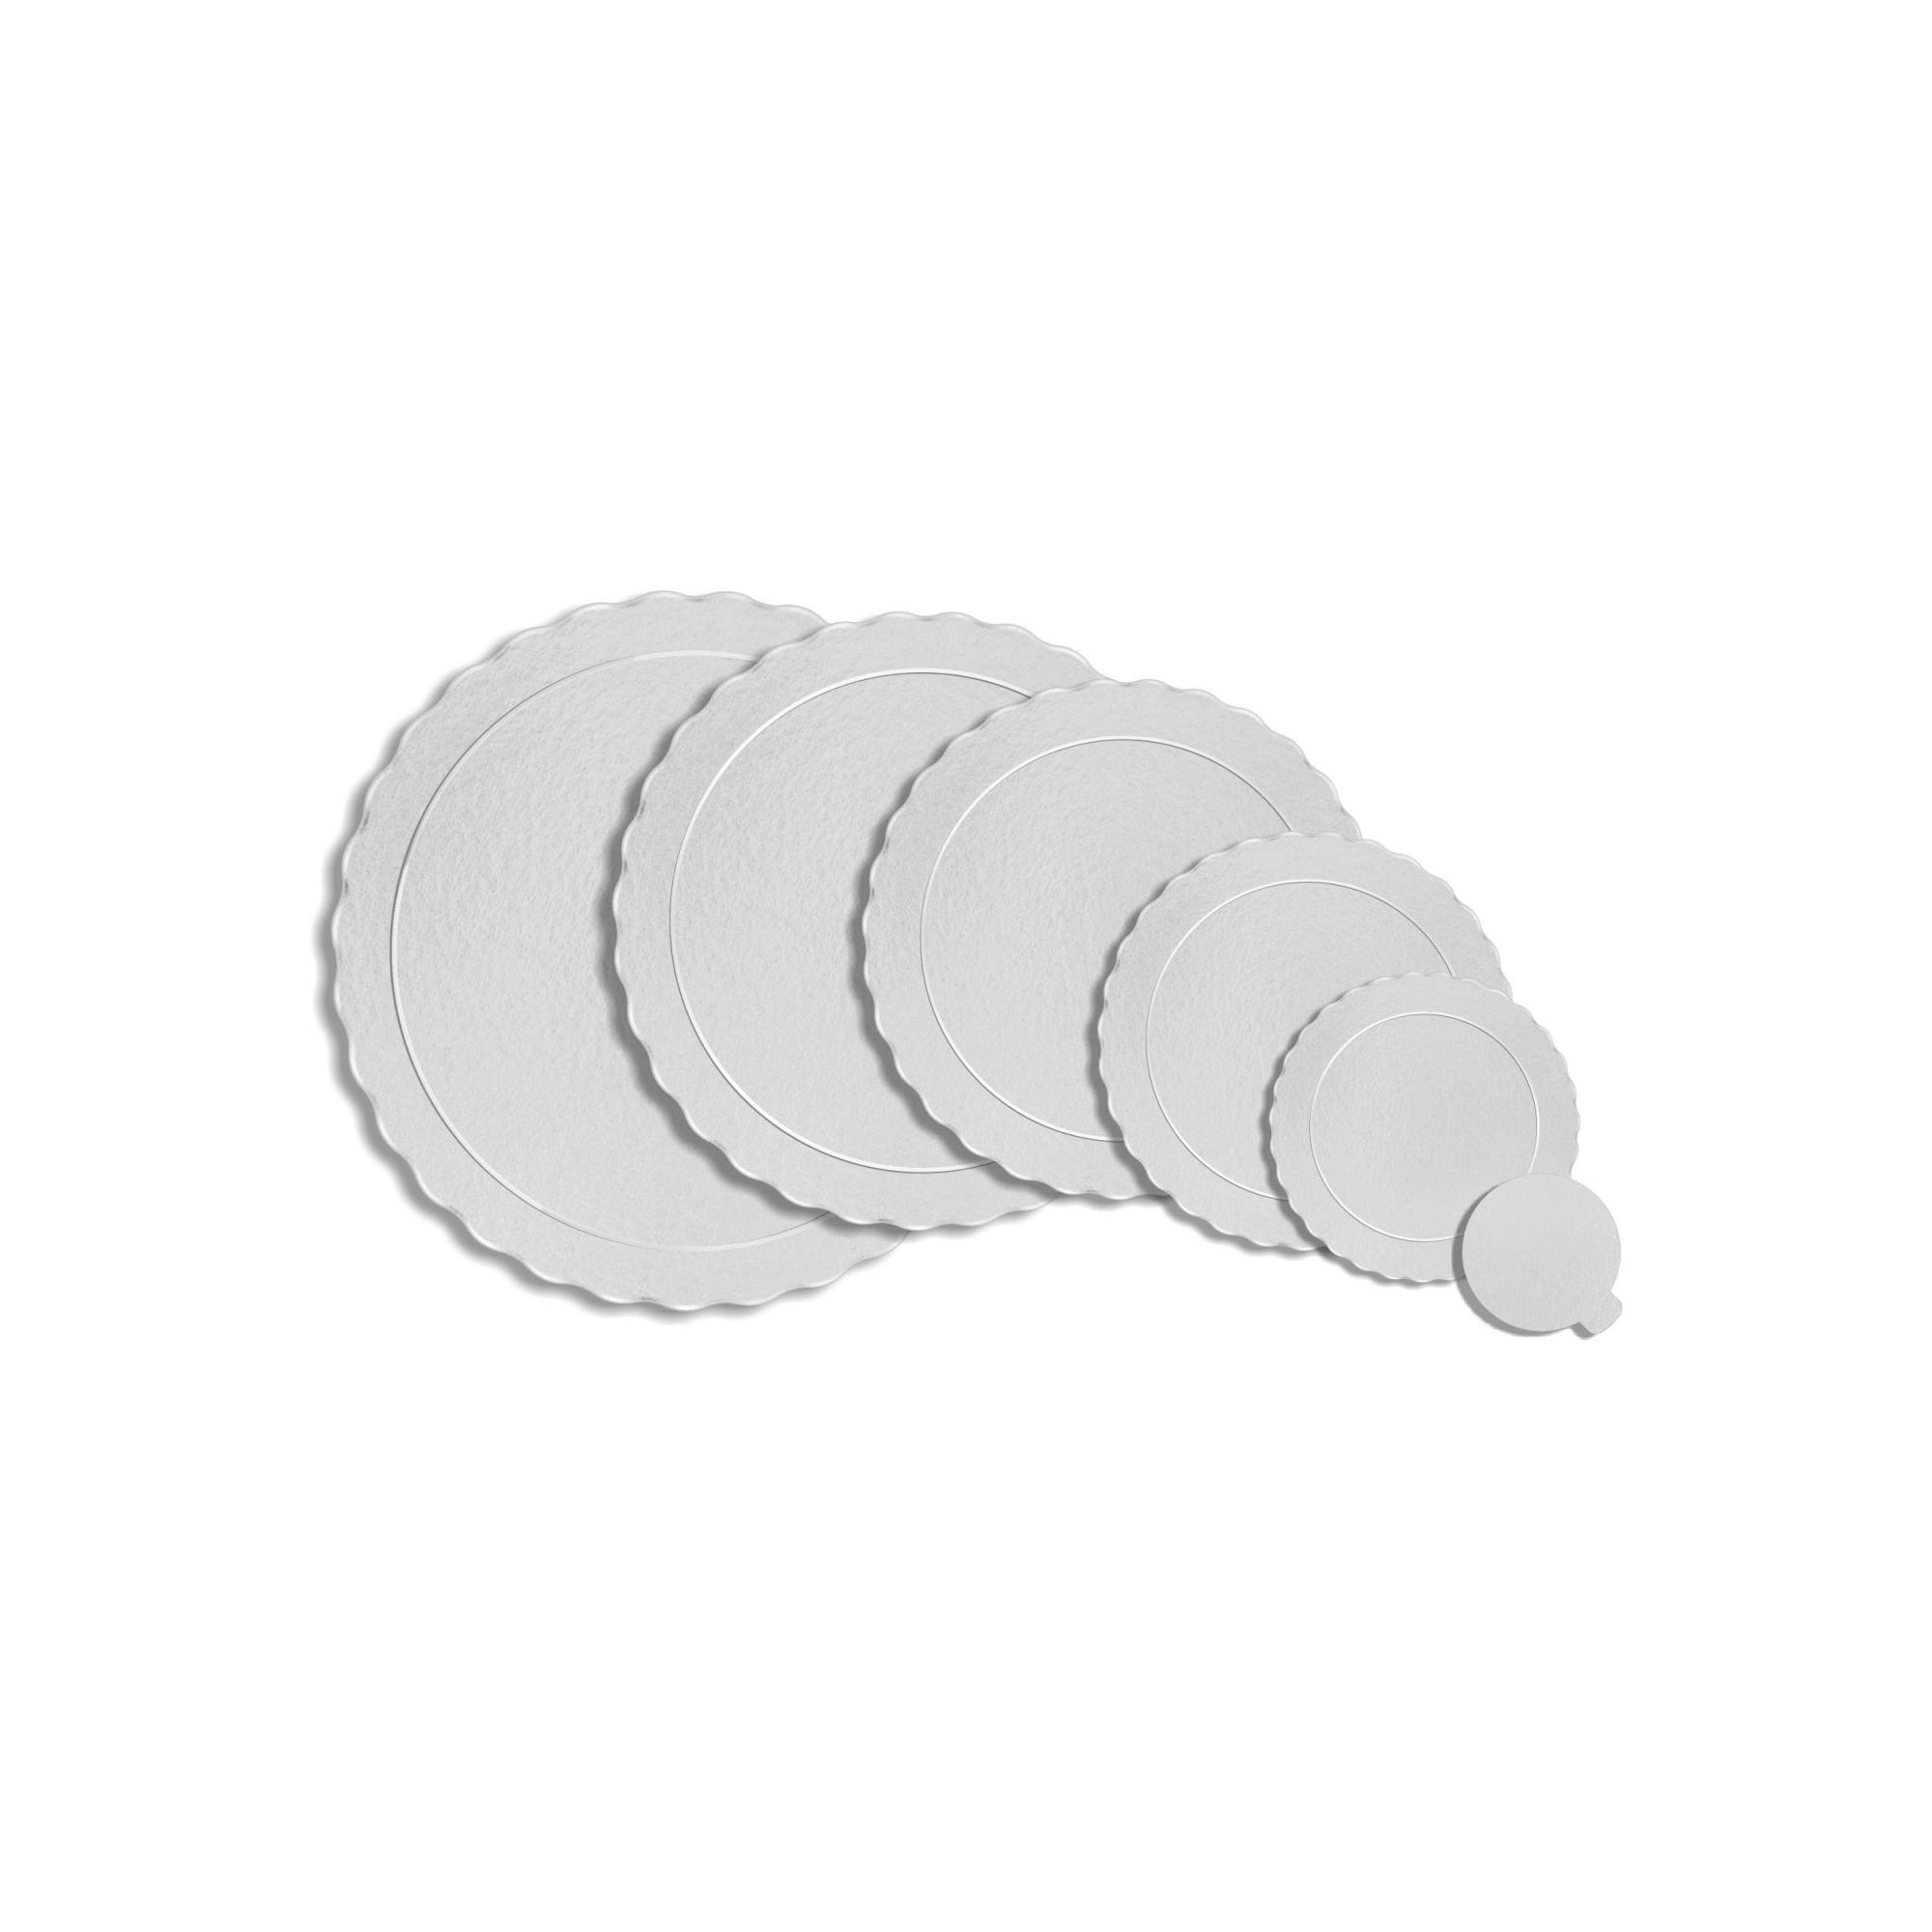 50 Bases Laminadas, Suporte P/ Bolo, Cake Board, Kit 20 e 30cm - Branca